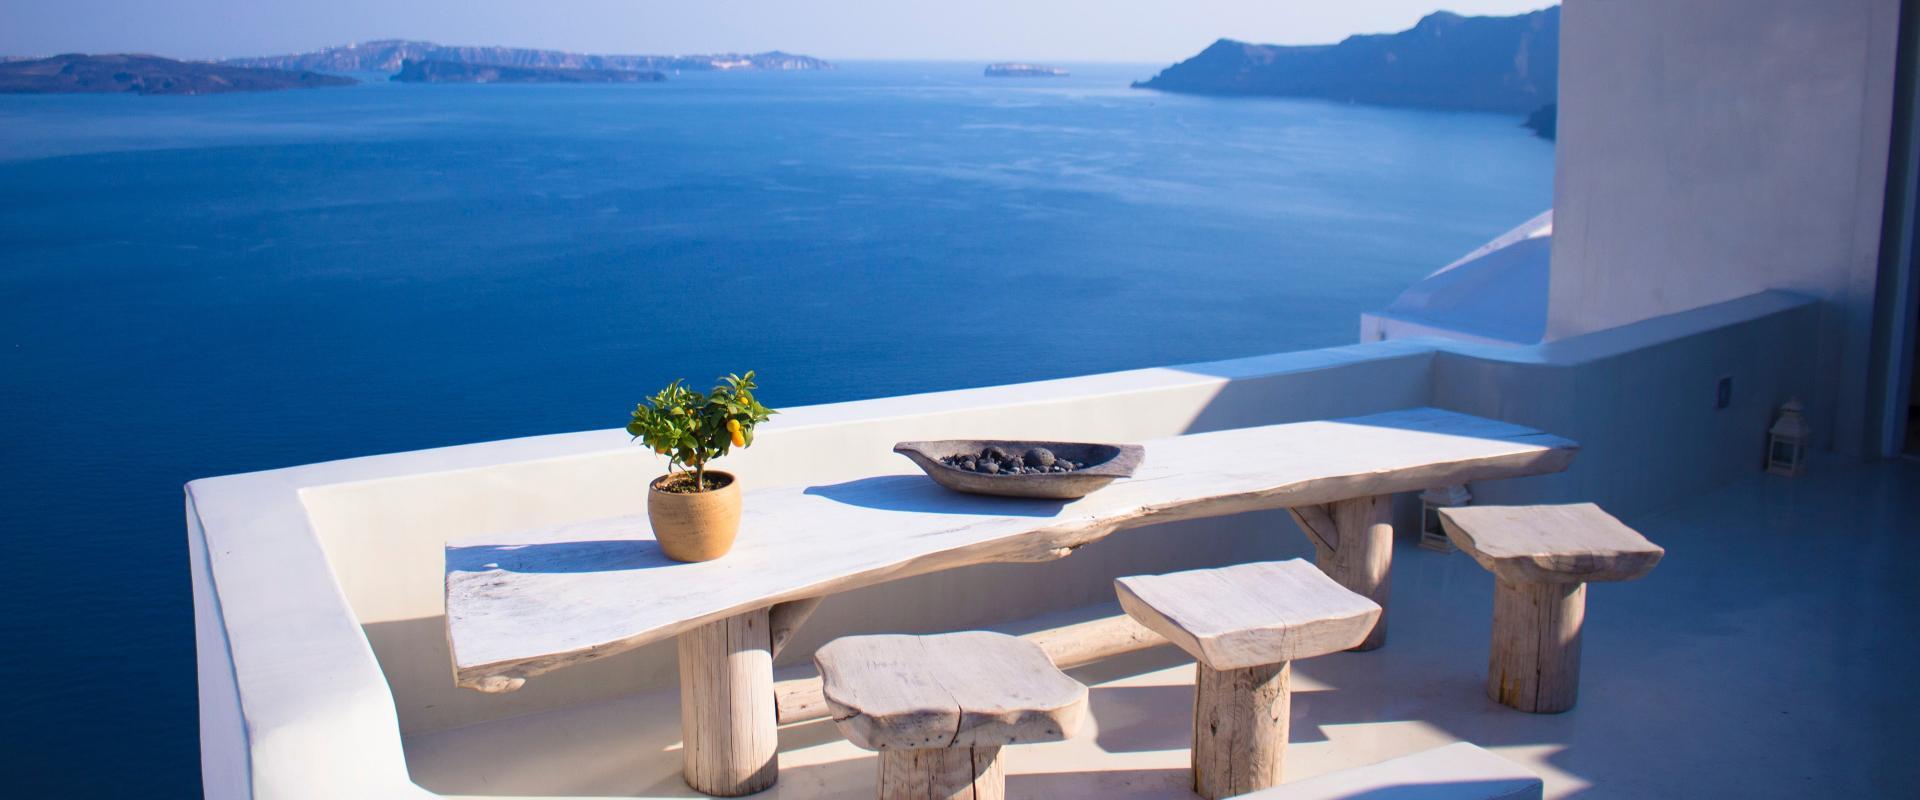 Table en terrasse d'une île grecque au bord de mer avec des produits grecs